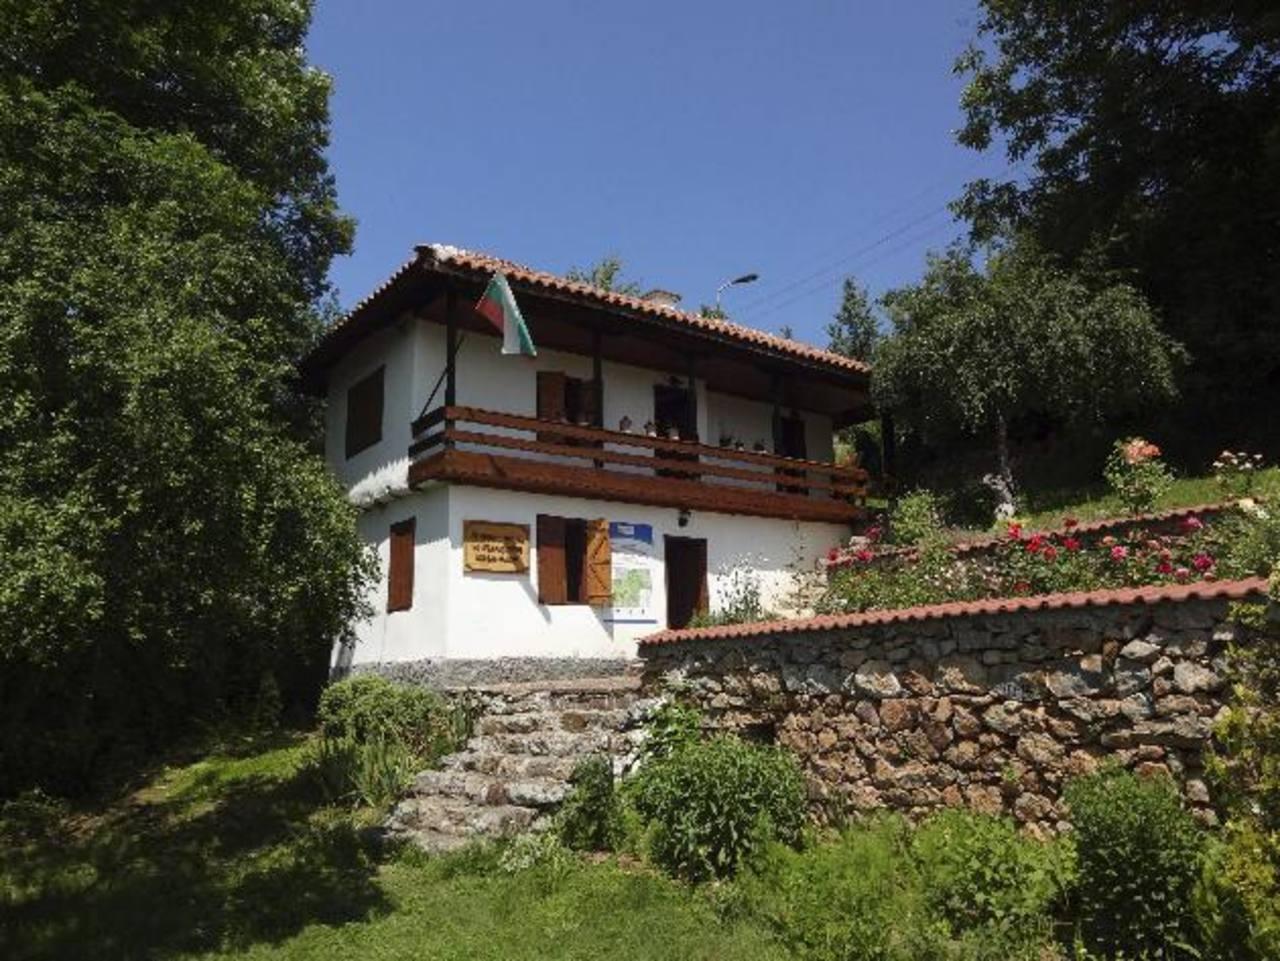 Exterior del pequeño museo del yogur búlgaro, ubicado en la aldea de Studen Izvor, cuna natal de Stamen Grigorov.